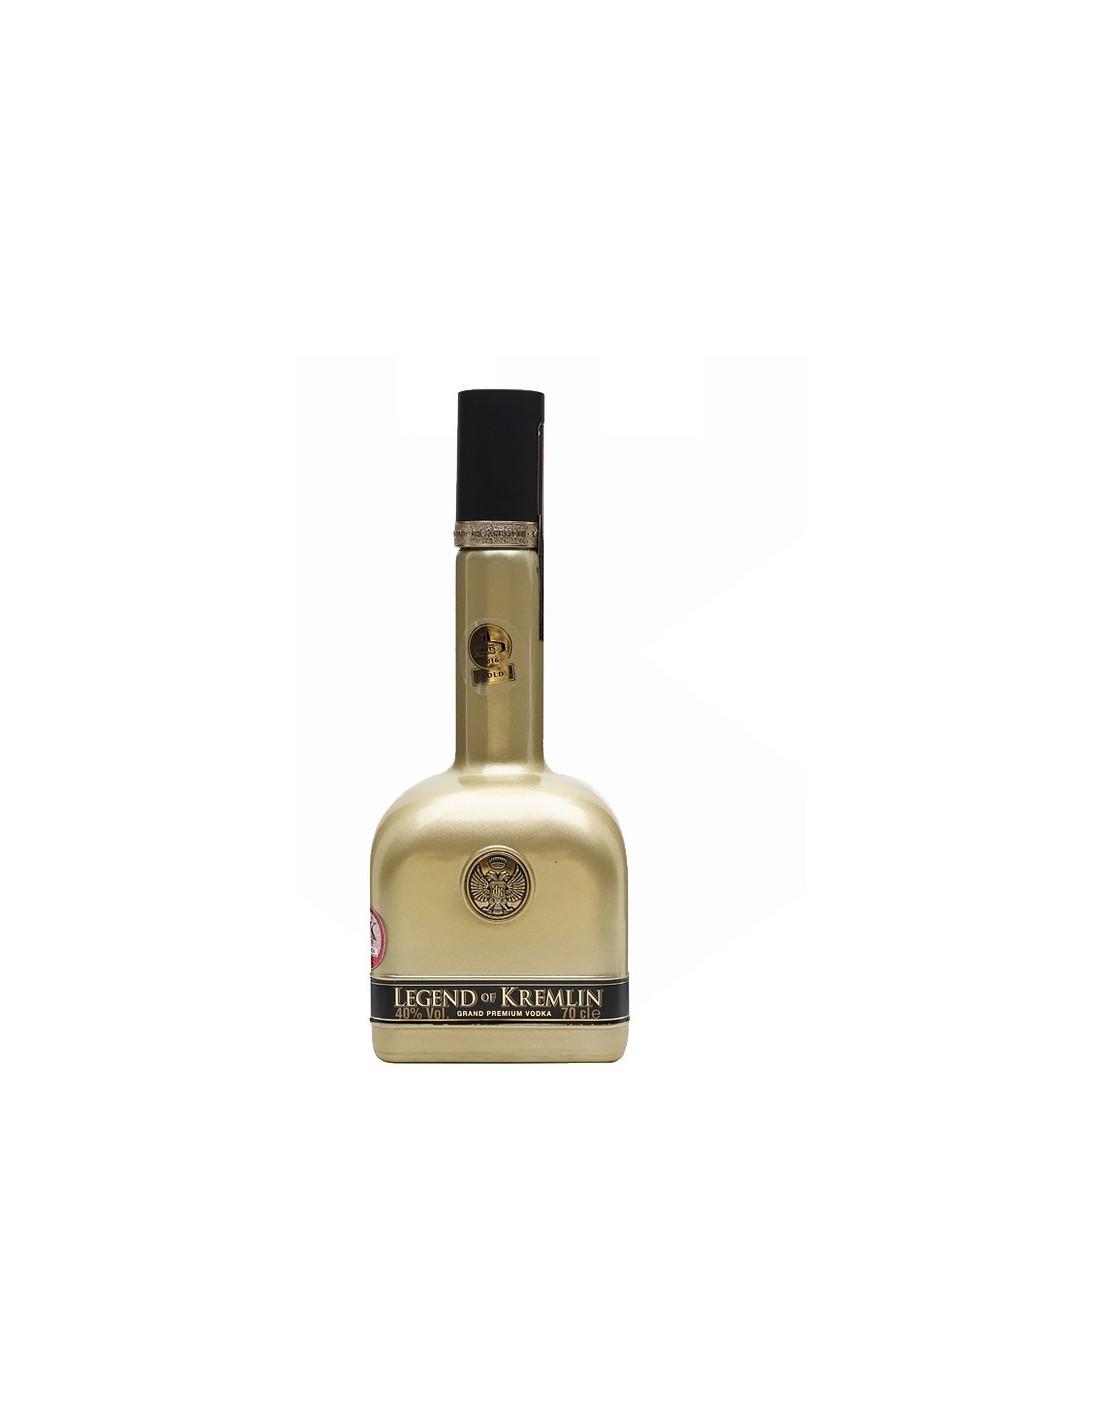 Vodca Legend of Kremlin Black/ Gold/ Transparent Bottle, 40% alc., 0.7L